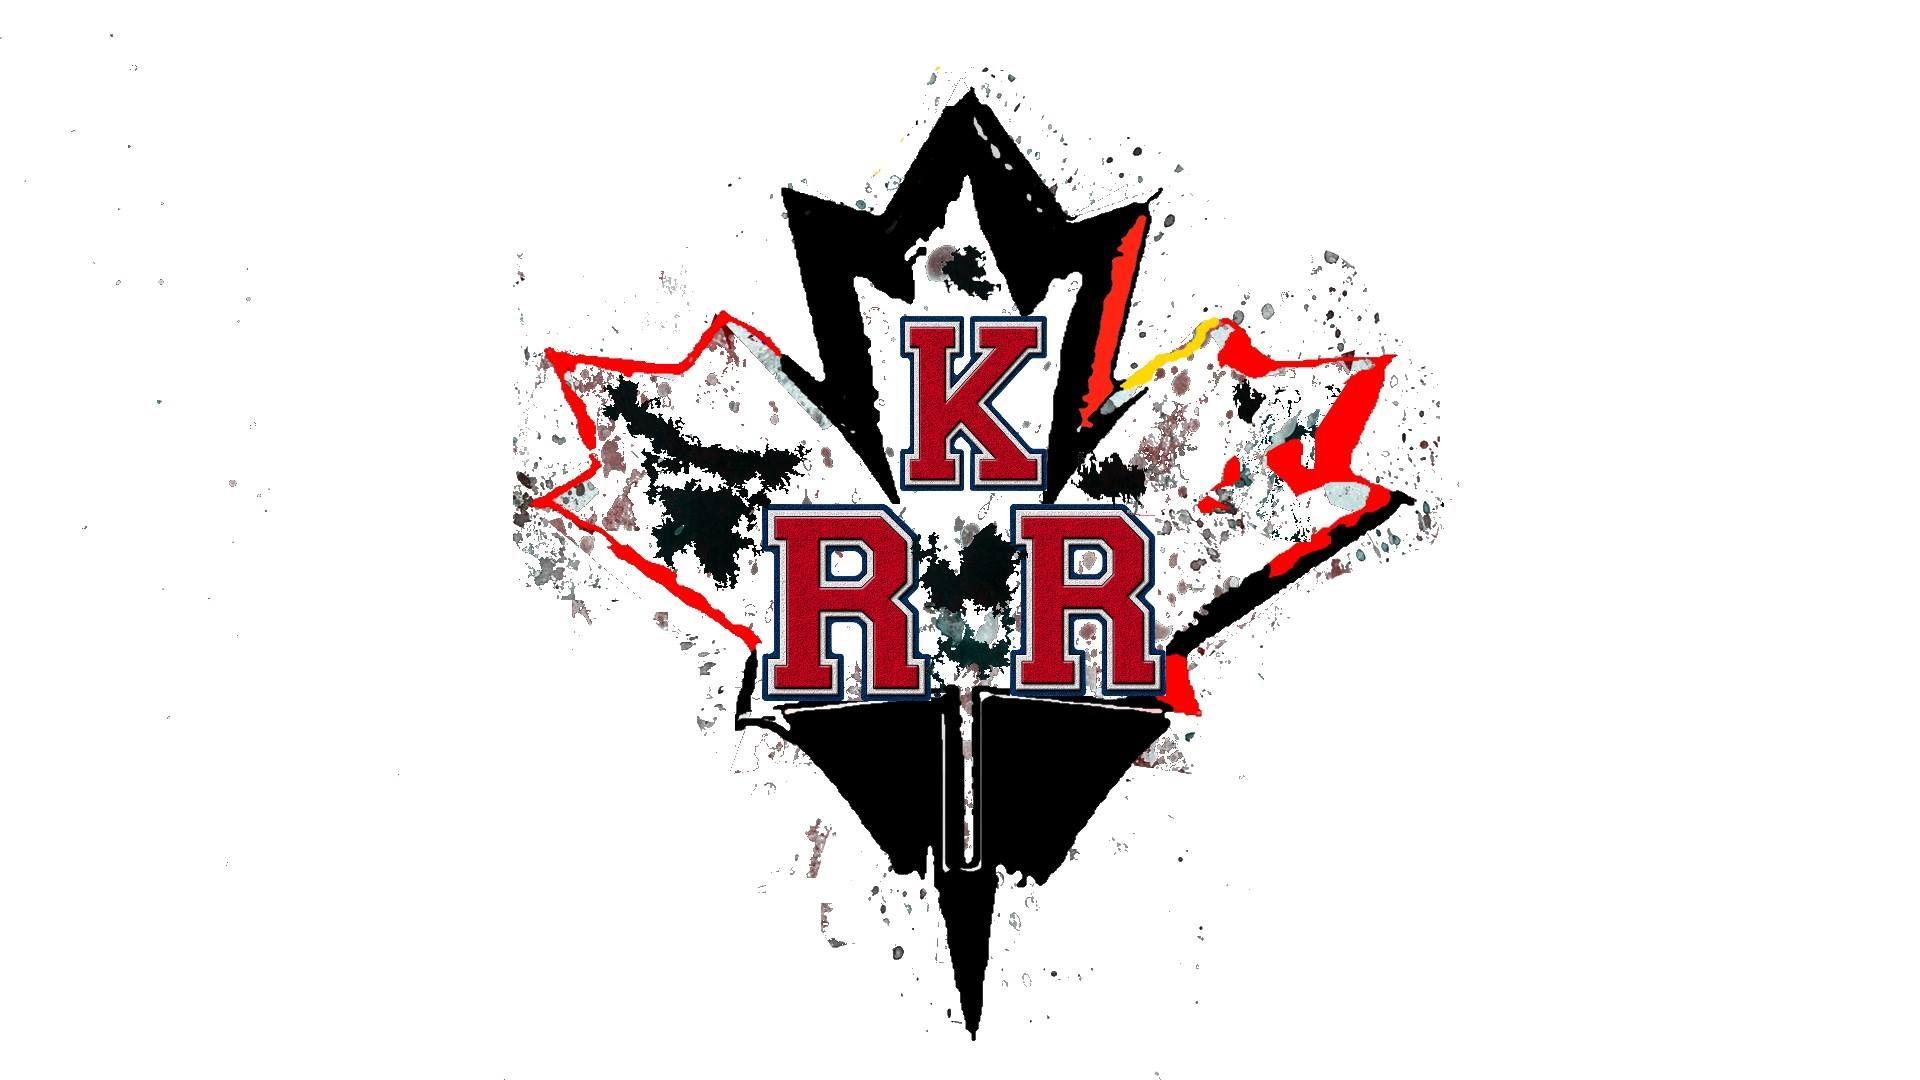 Pin by Random Knight Rider on Randomknightrider Darth